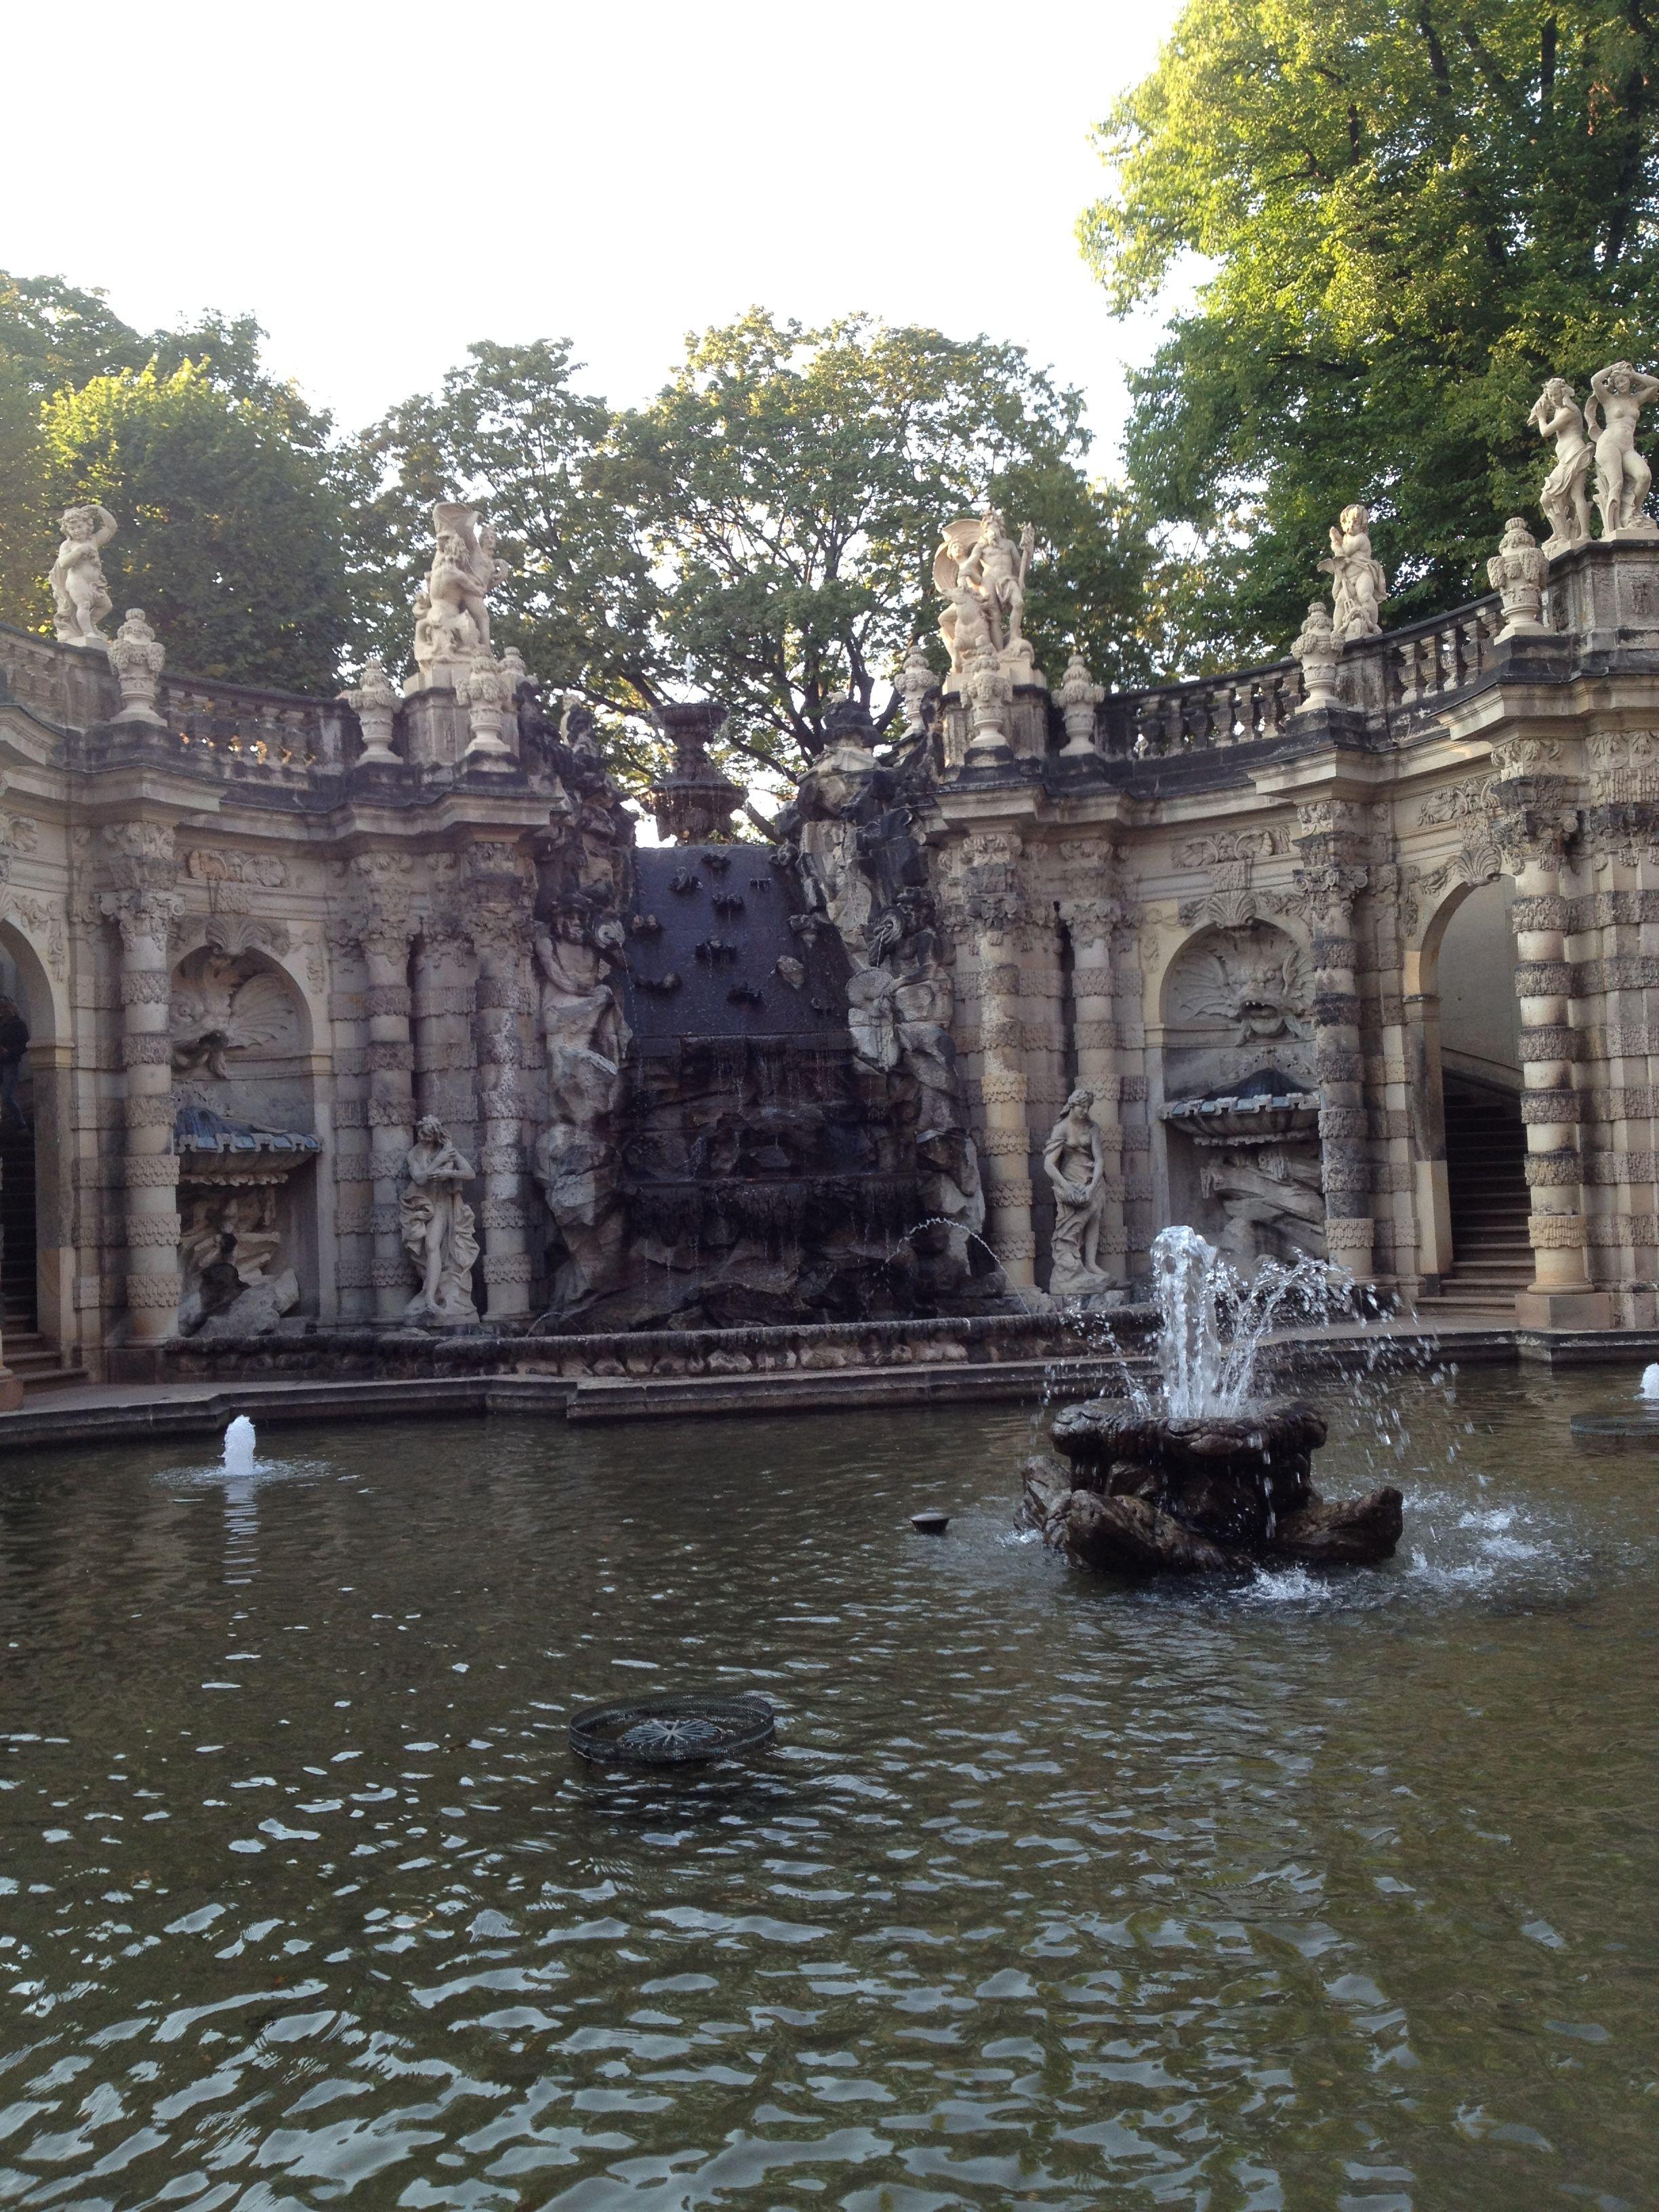 Nymphenbad Im Dresdner Zwinger Dresdner Zwinger Zwinger Dresden Dresden